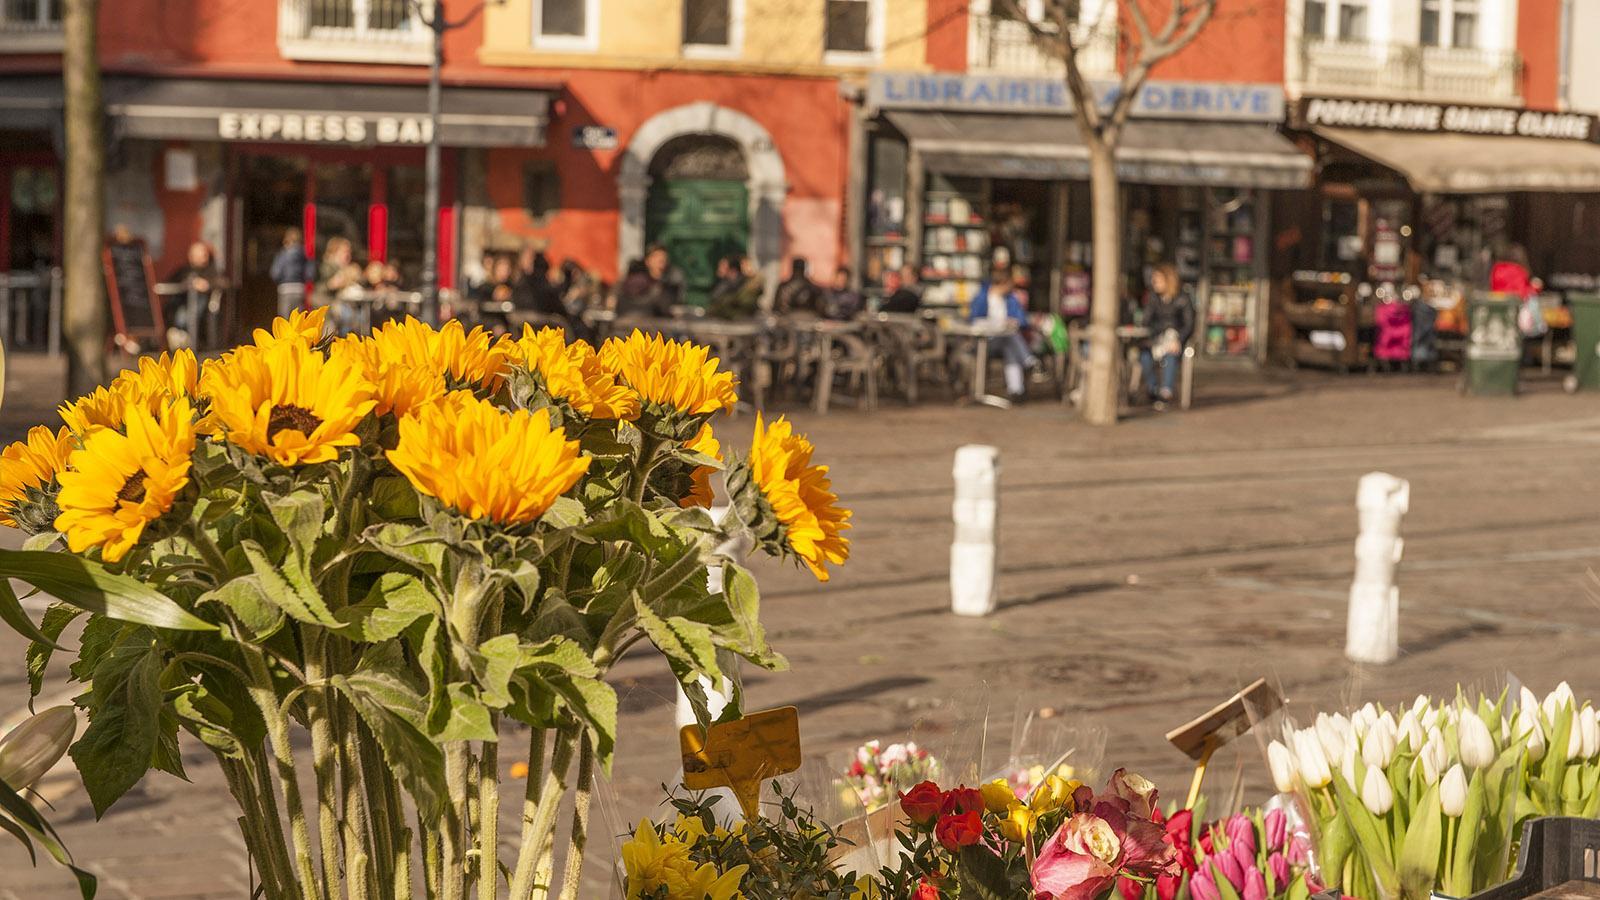 Rund um die Markthalle von Grenoble verbreitet die Stadt ein unvergleichliches Flair. Foto: Hilke Maunder